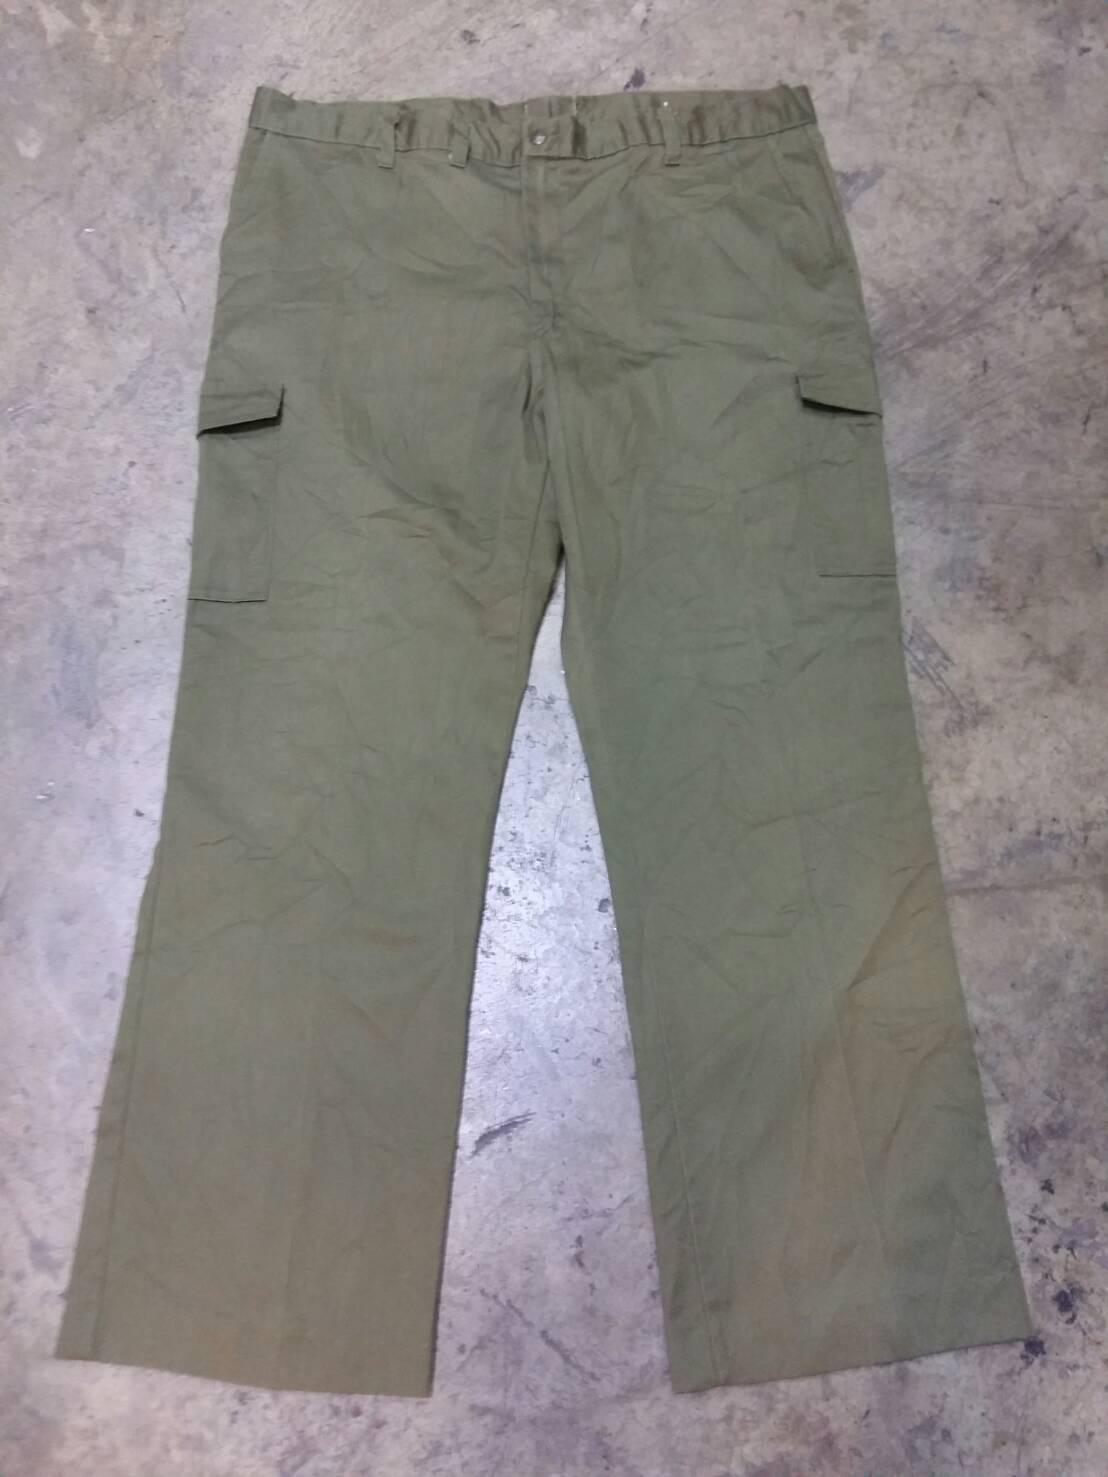 1.กางเกง boy scouts of america เอว 44 วัดจริง เอว44 ยาว 30.5 ทั้งตัวยาว 42.5 ปลายขา 10 สภาพ 75 %